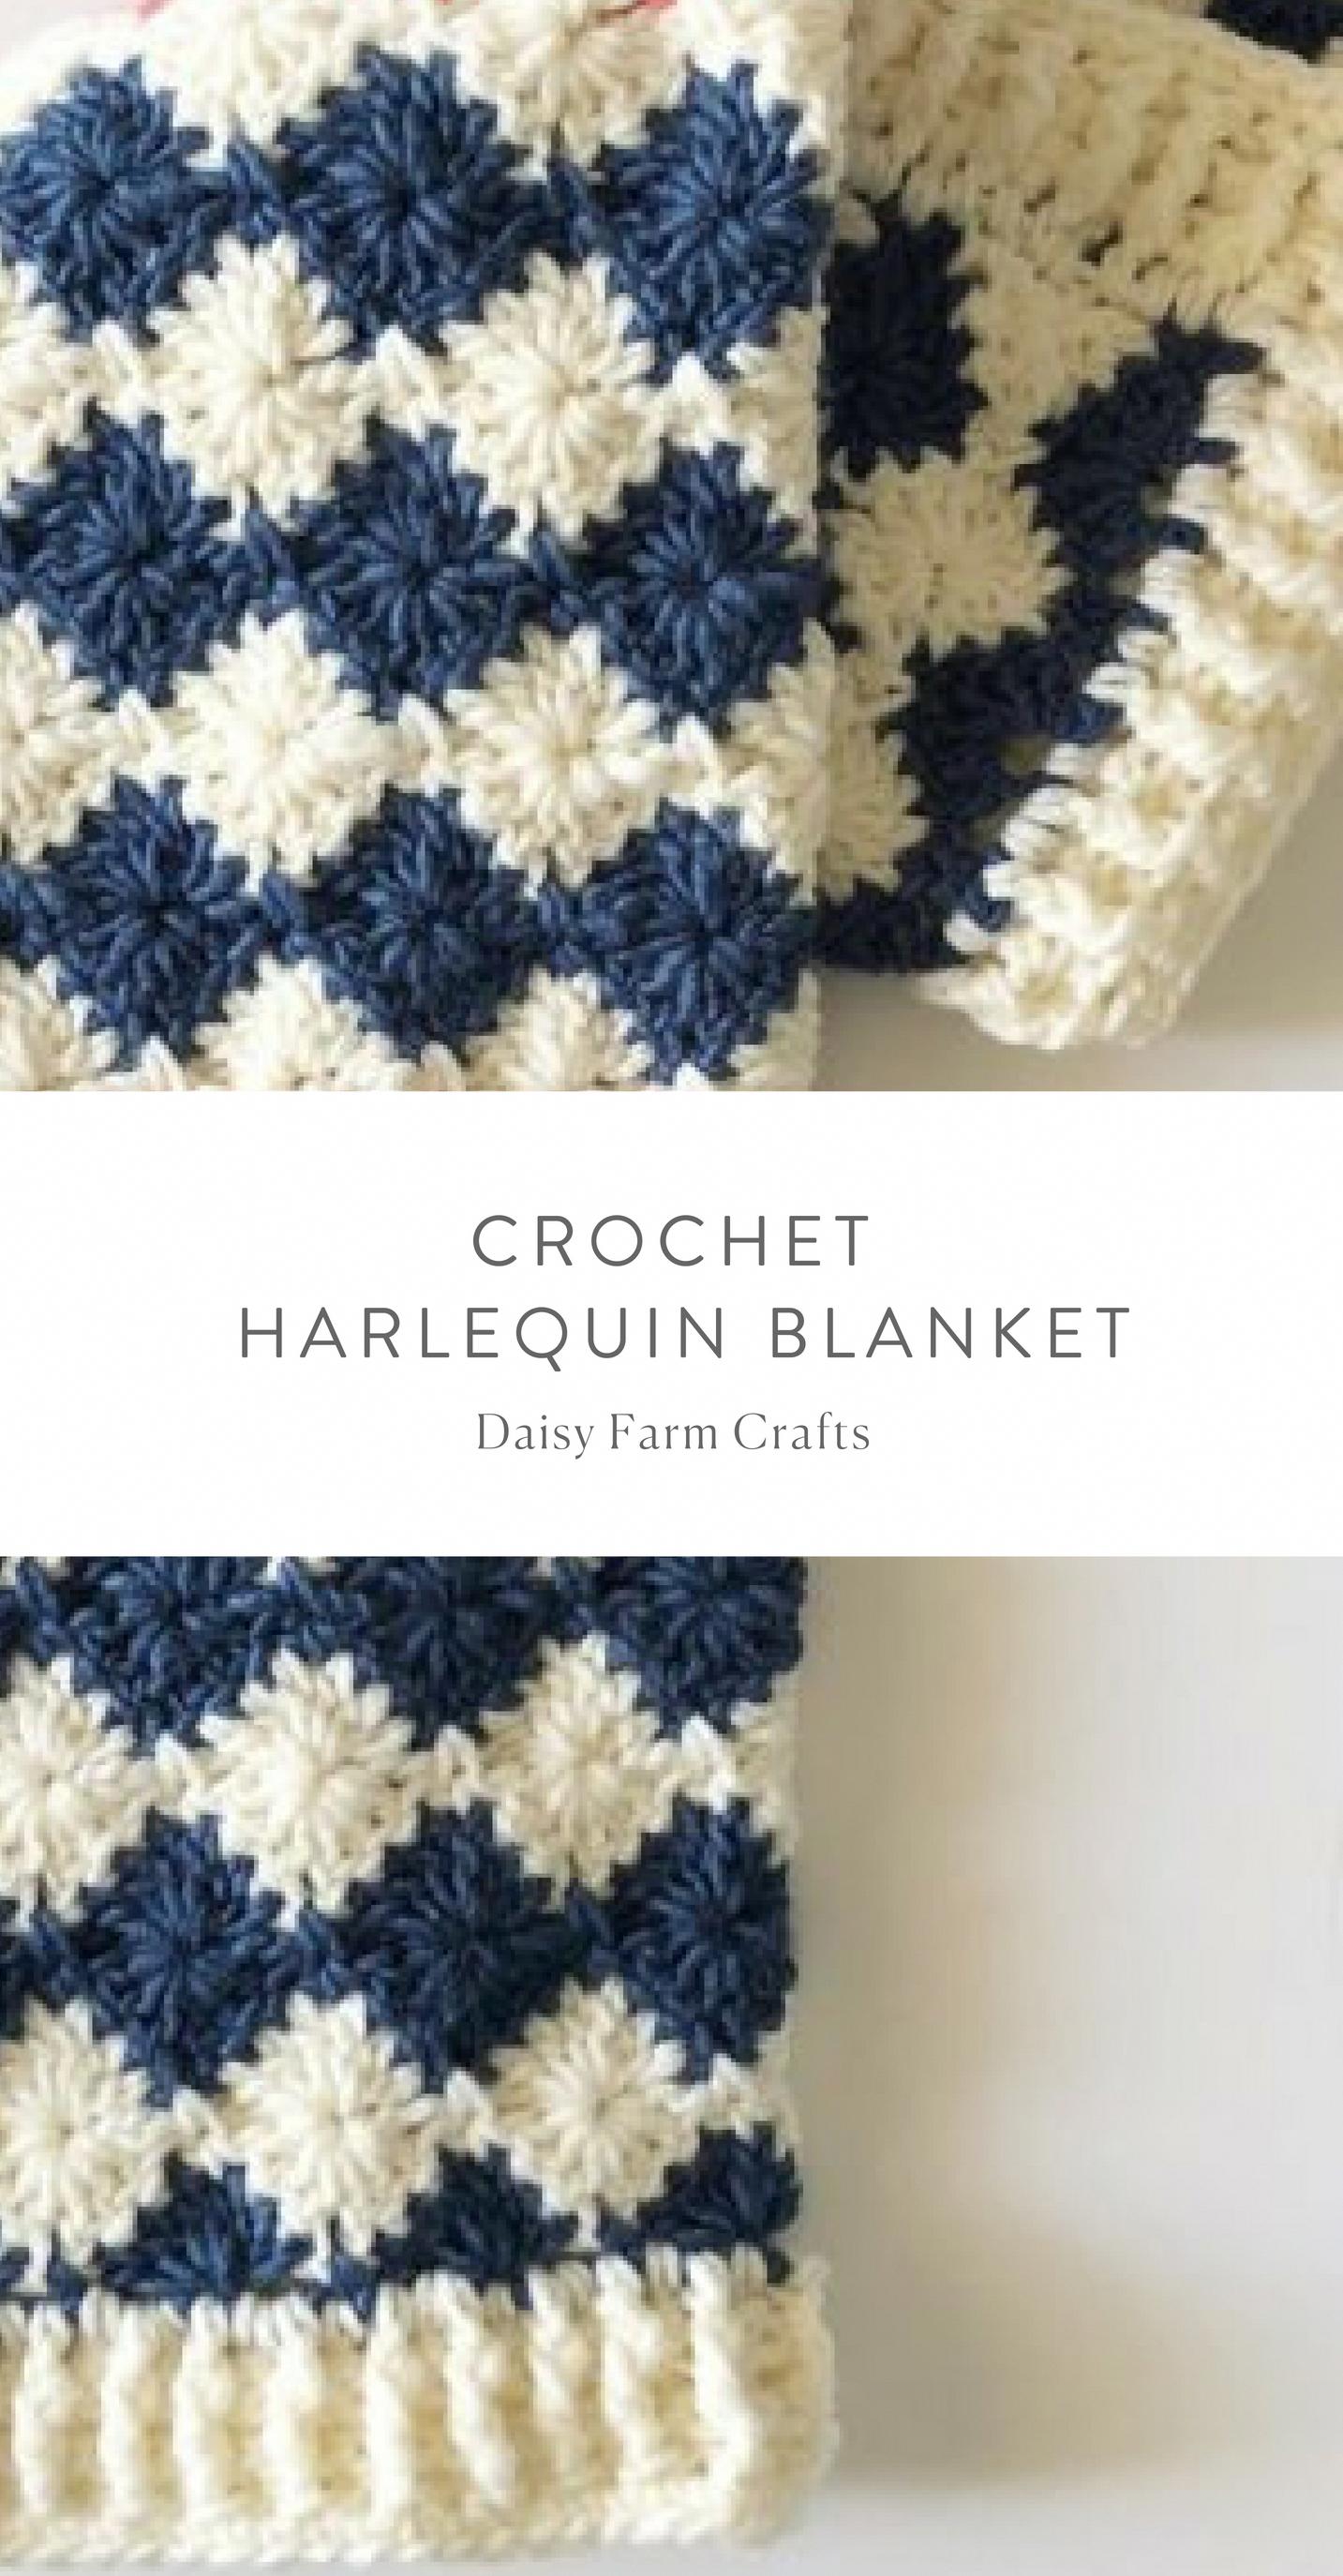 Free Pattern - Crochet Harlequin Blanket #crochet | Knitting is Cool ...